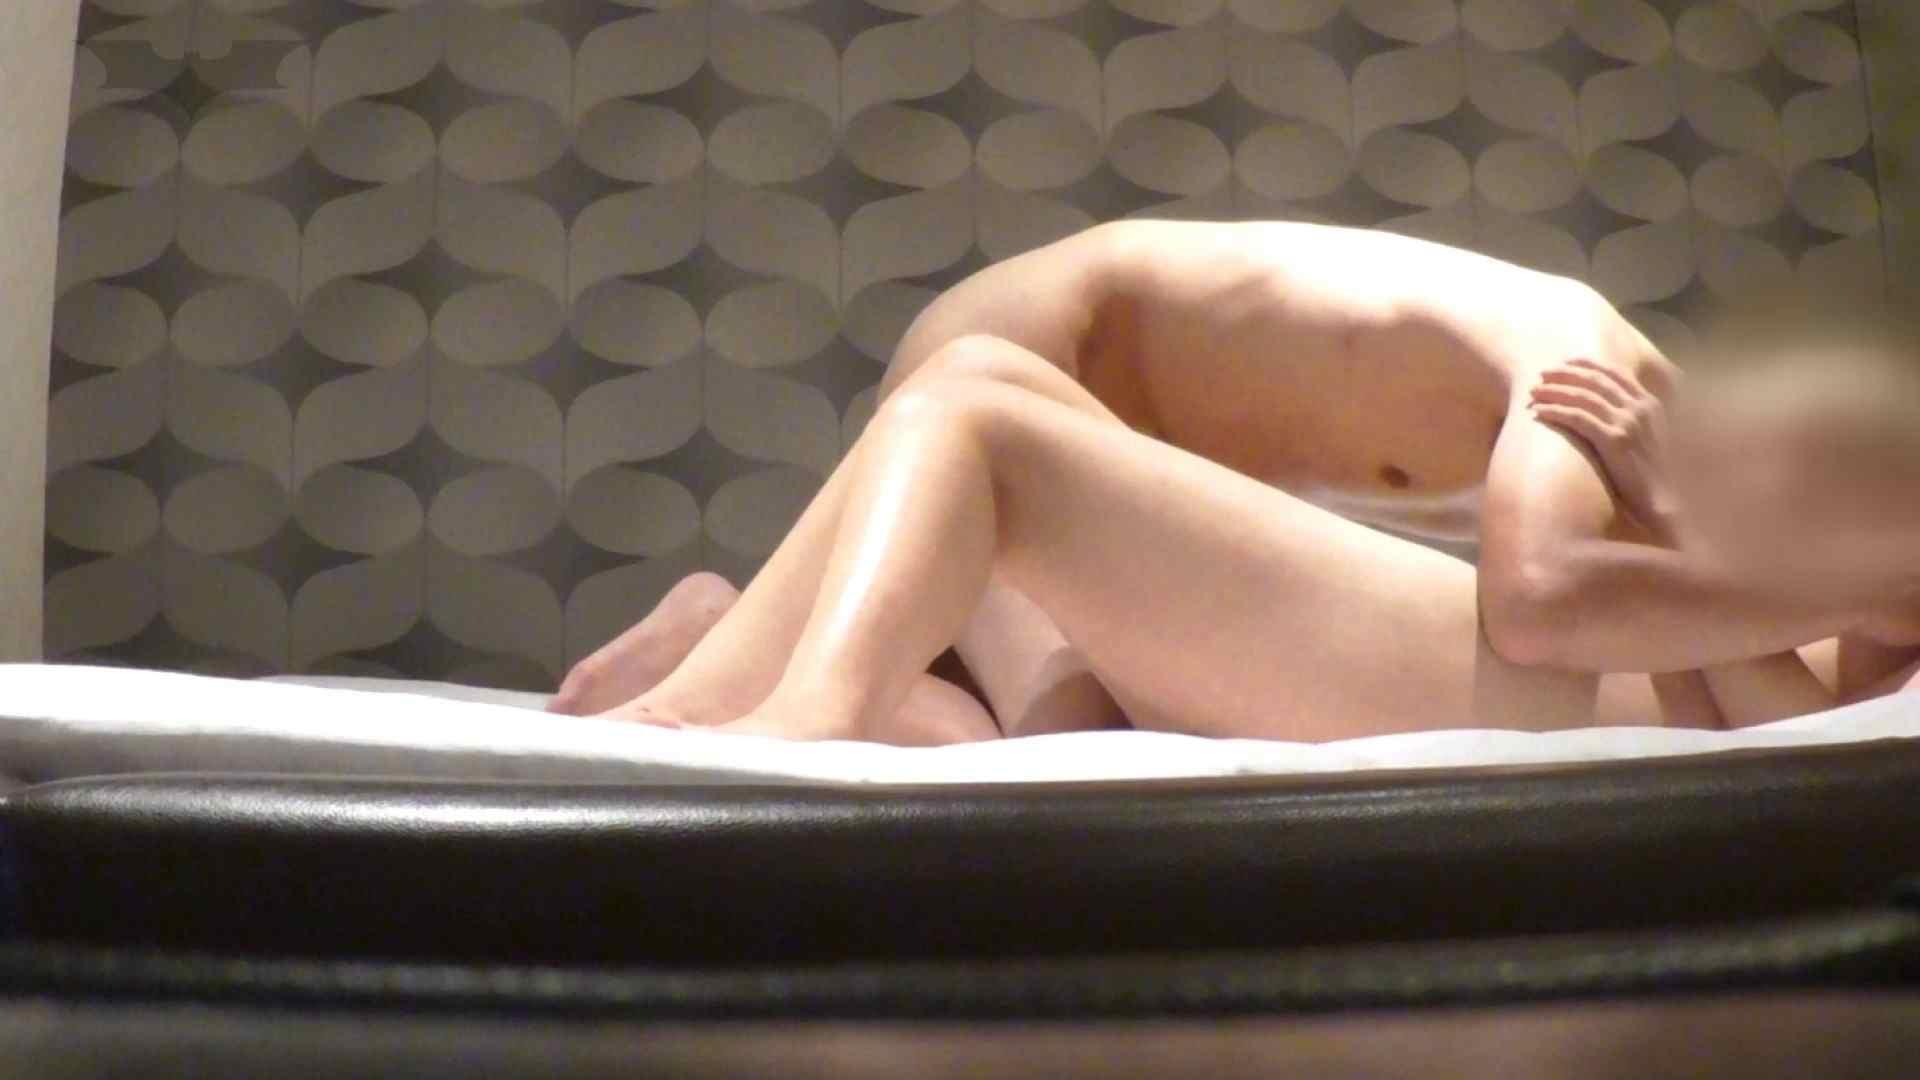 内緒でデリヘル盗撮 Vol.03後編 美肌、美人のデリ嬢わがまま息子がおかわり! 高画質動画 オメコ動画キャプチャ 87画像 24